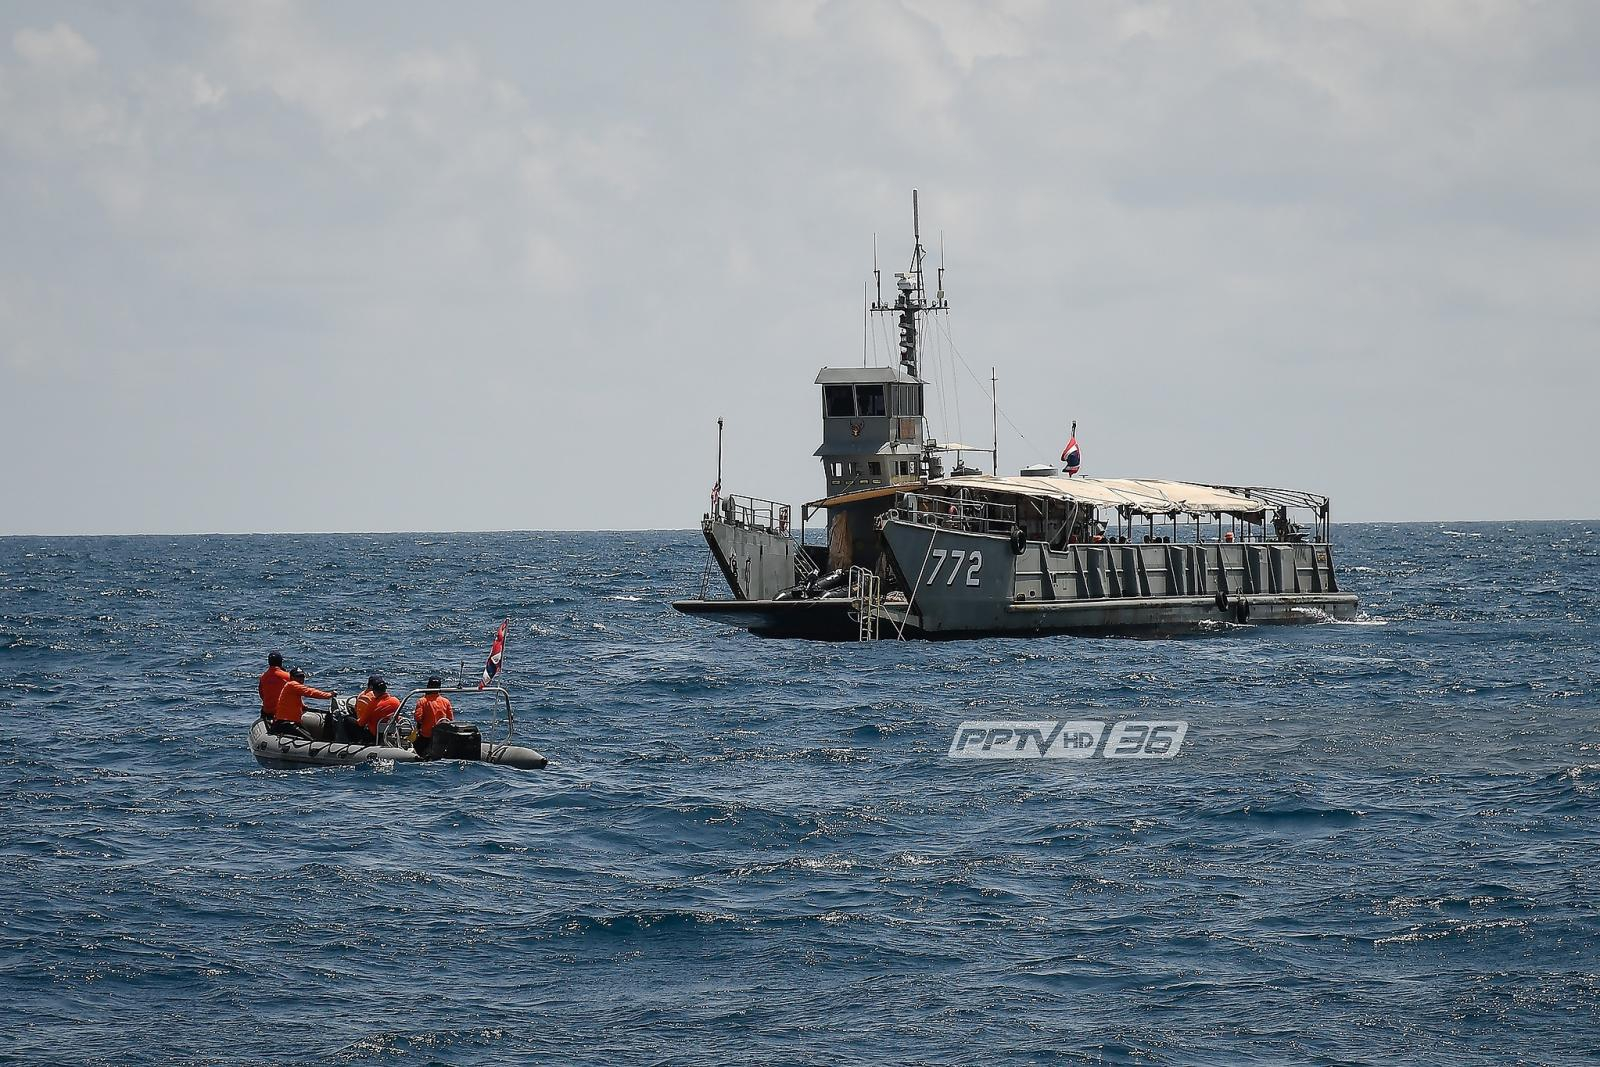 บ.ประกันจ่ายเงินเยียวยา ญาติผู้เสียชีวิตเรือล่มแล้วกว่า 31 ล้านบาท